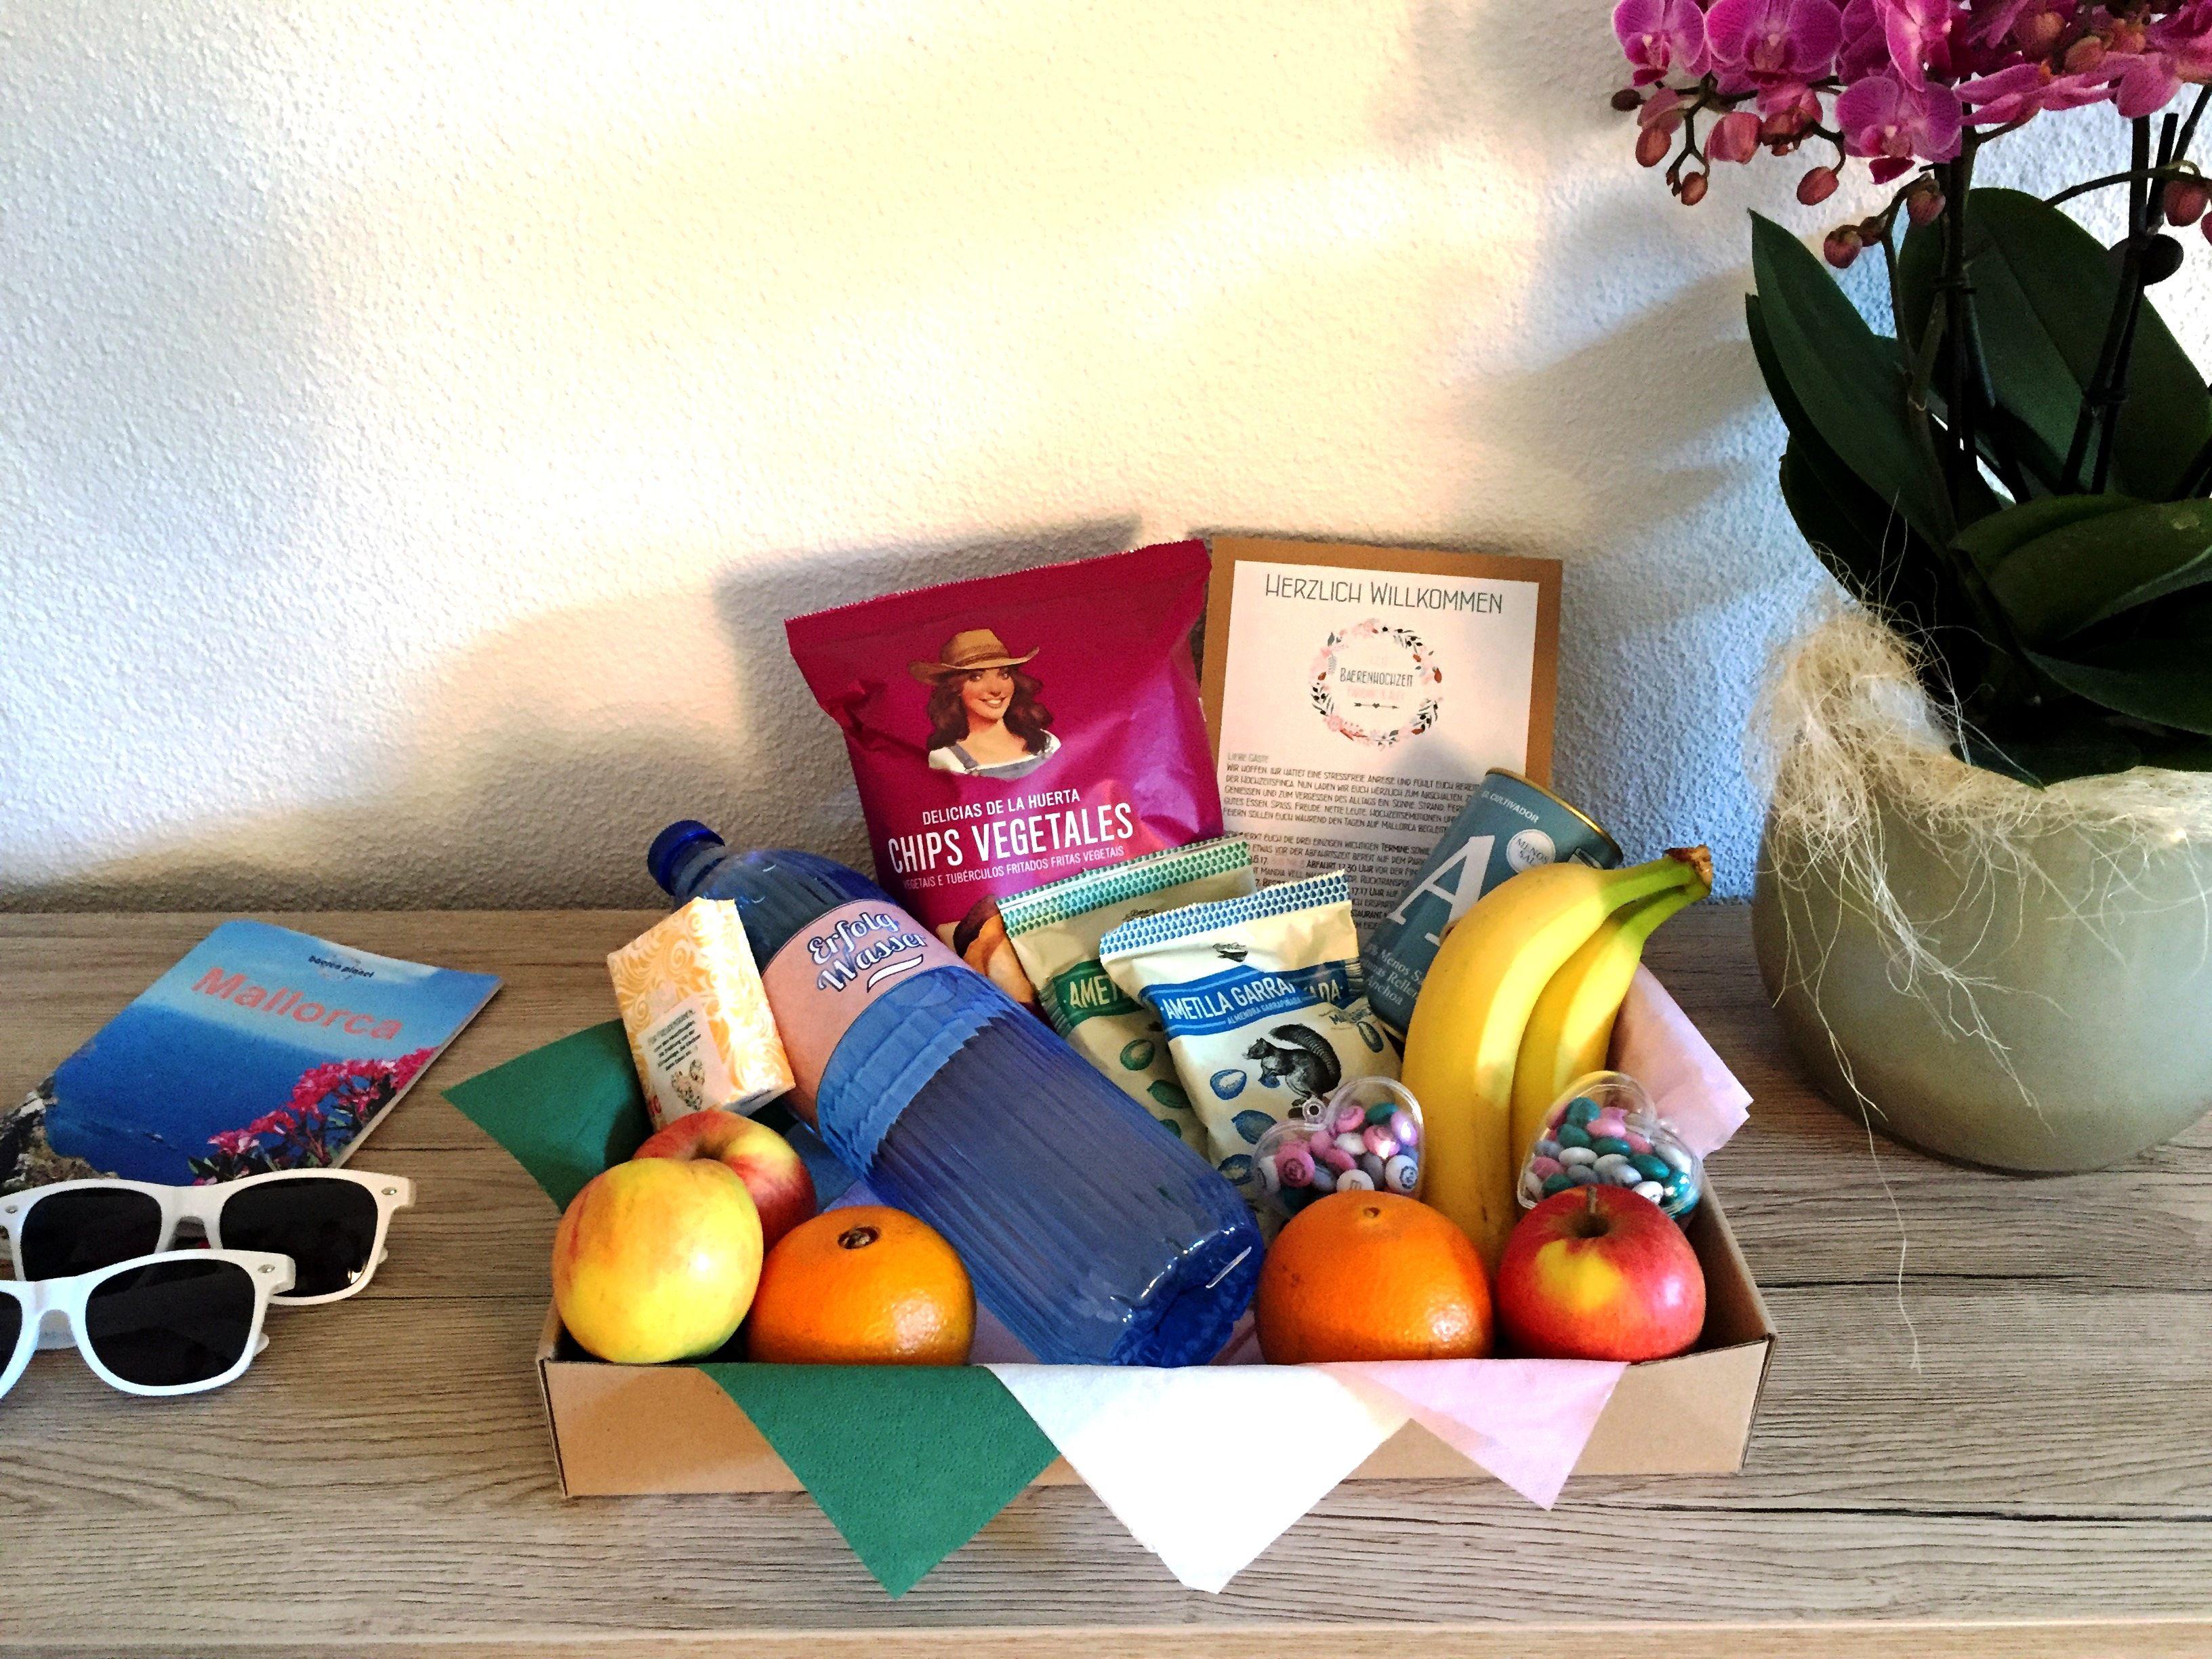 Welcome Geschenk Fruchtekorb Rahmenprogramm Sonnenbrillen Als Uberraschung In Den Hotelzimmer Der Gaste Unserer Dest Heiraten Im Ausland Hochzeit Geschenke